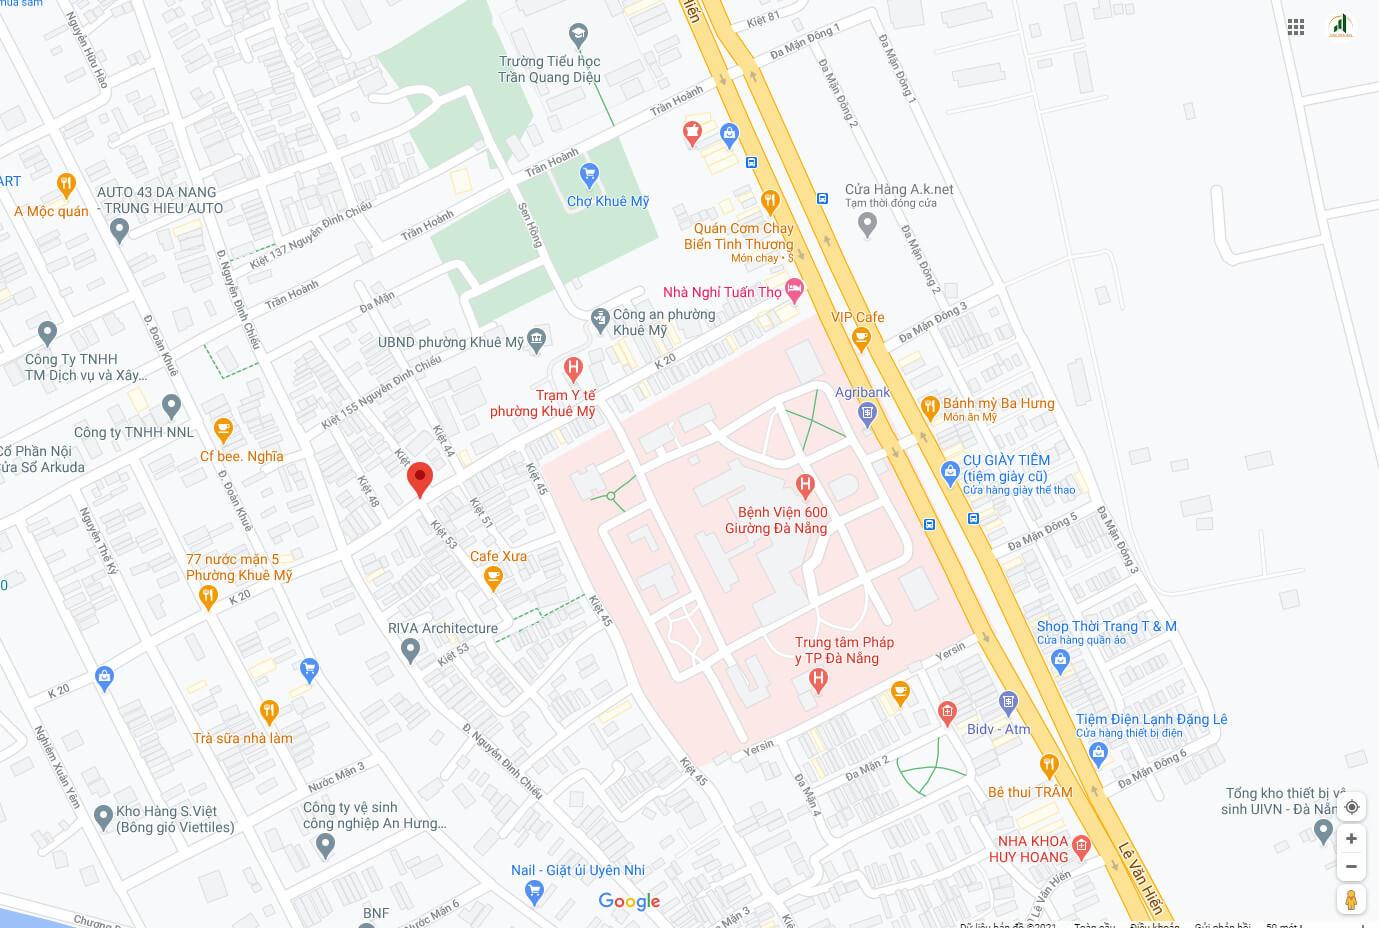 sơ đồ nhà đường k20 - Ngũ Hành Sơn - Đà Nẵng